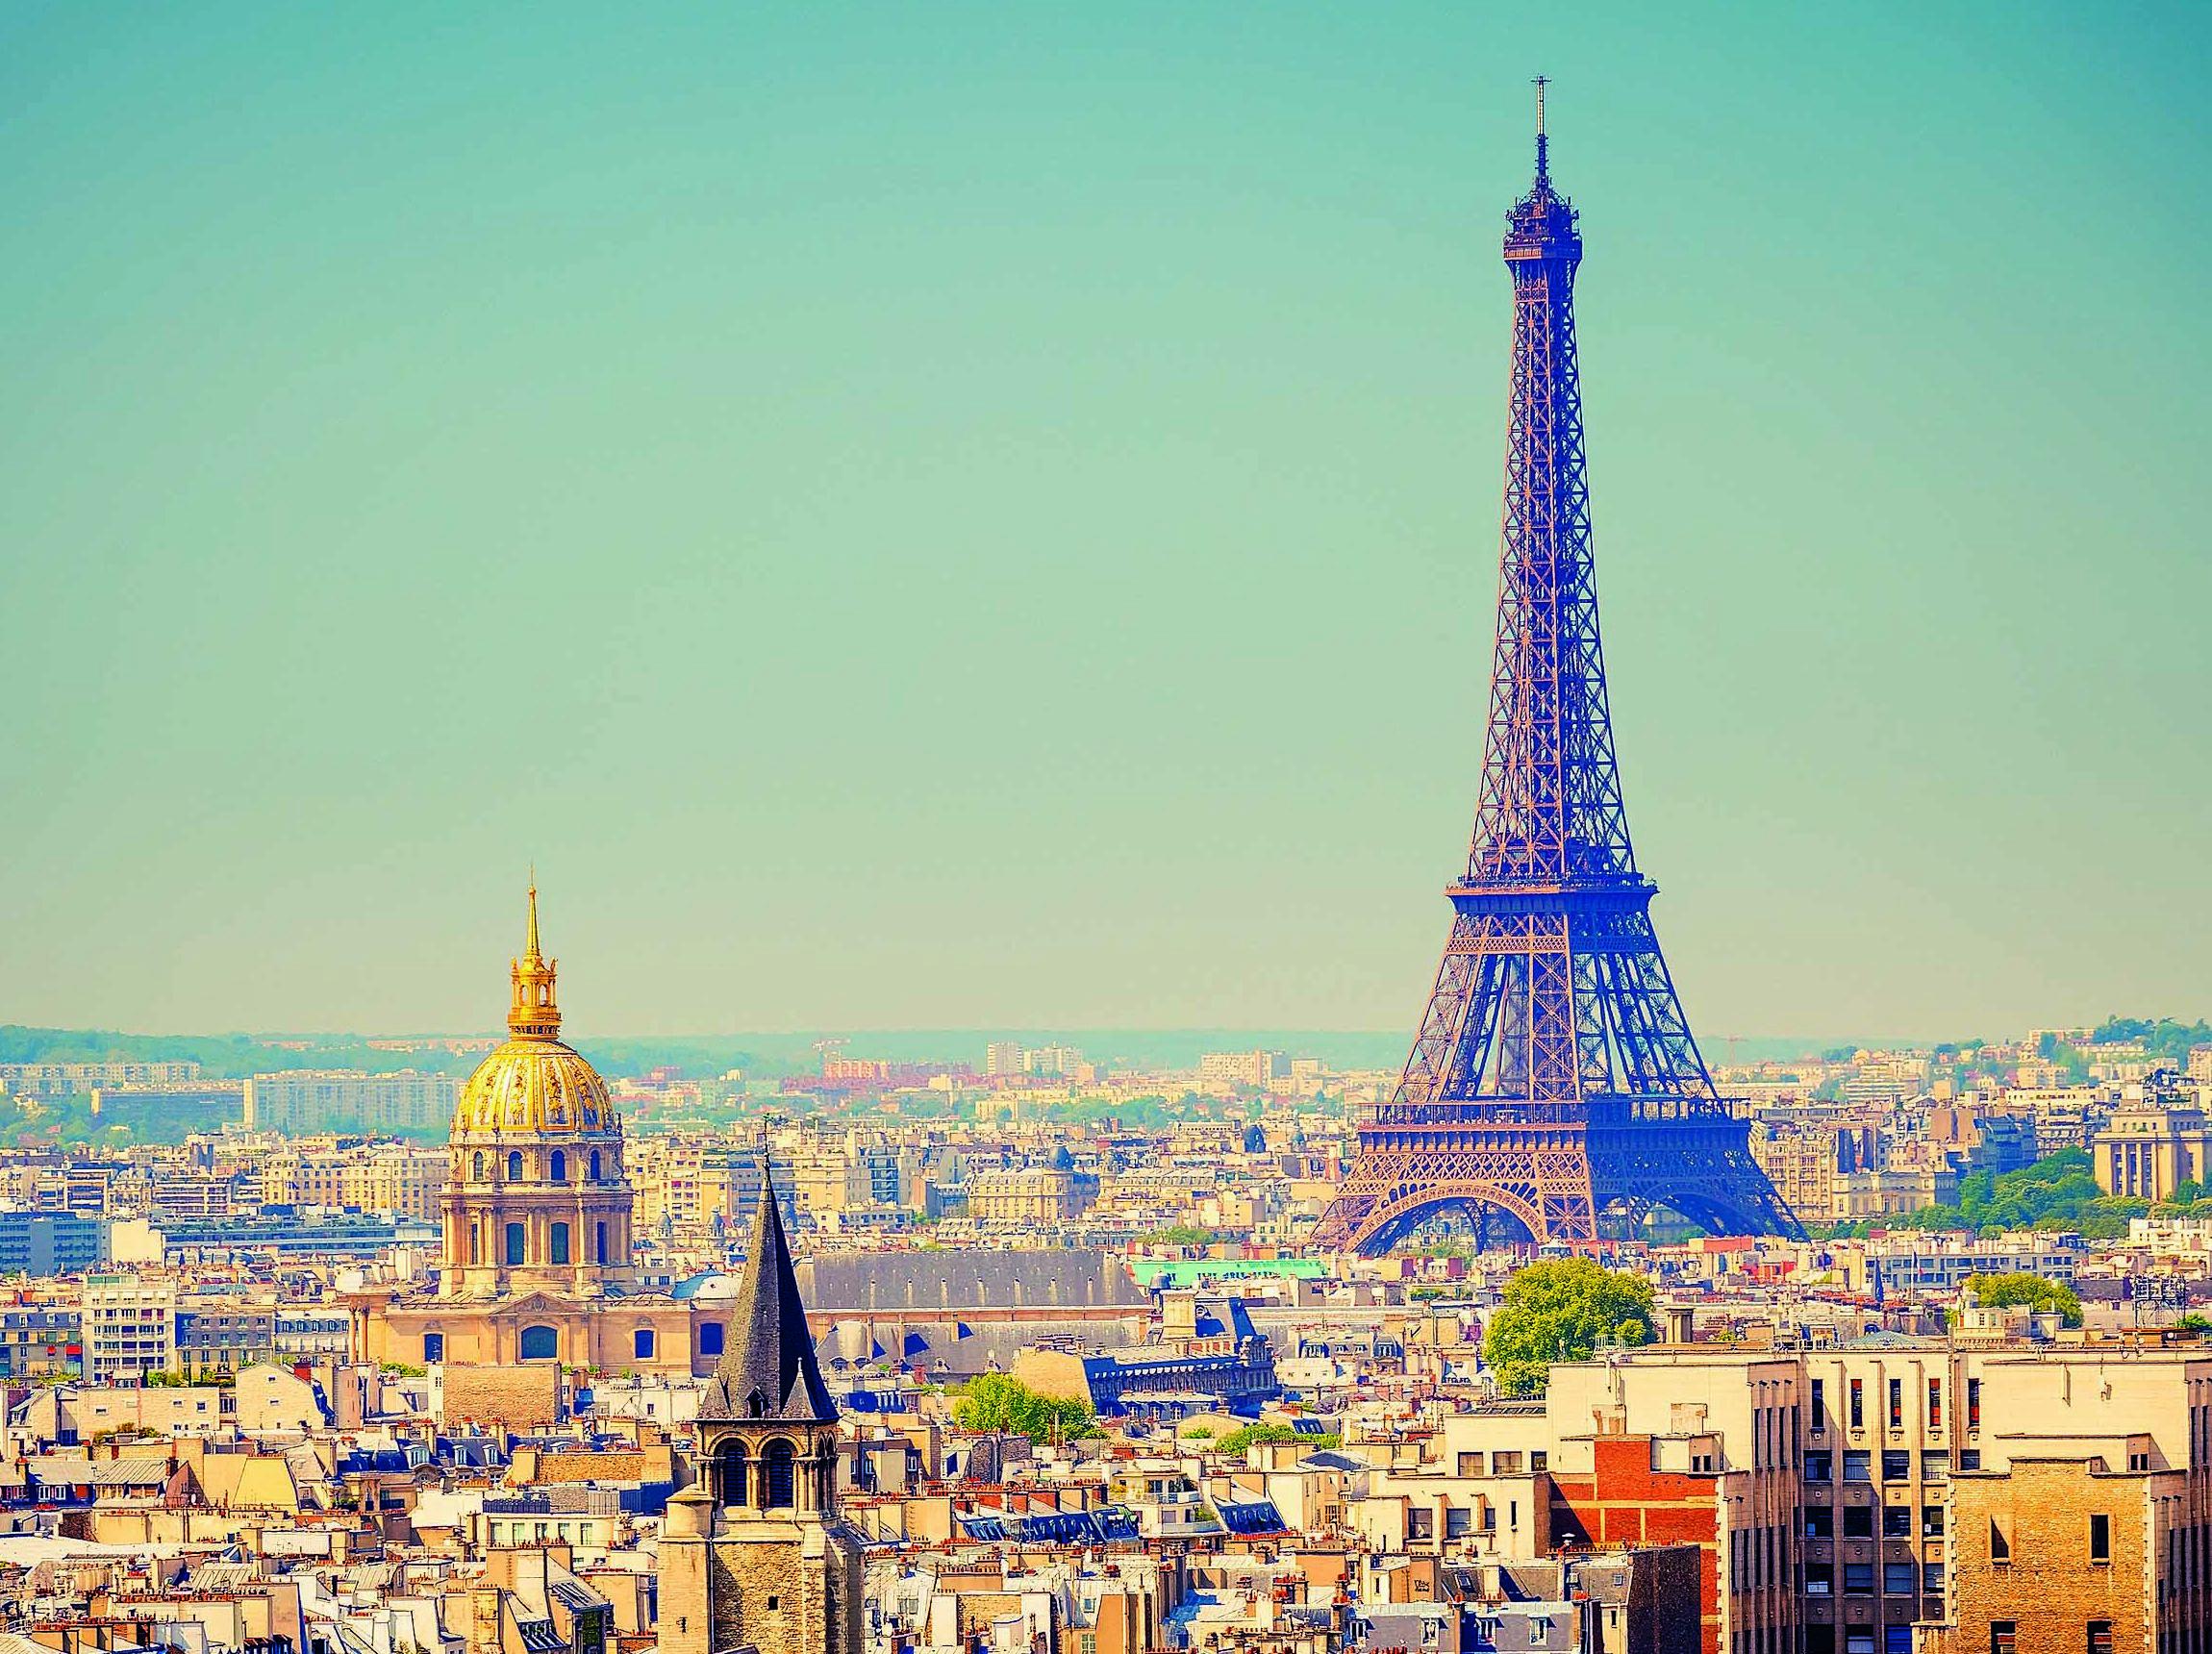 Тур выходного дня в Париж из Минска - поездка на выходные